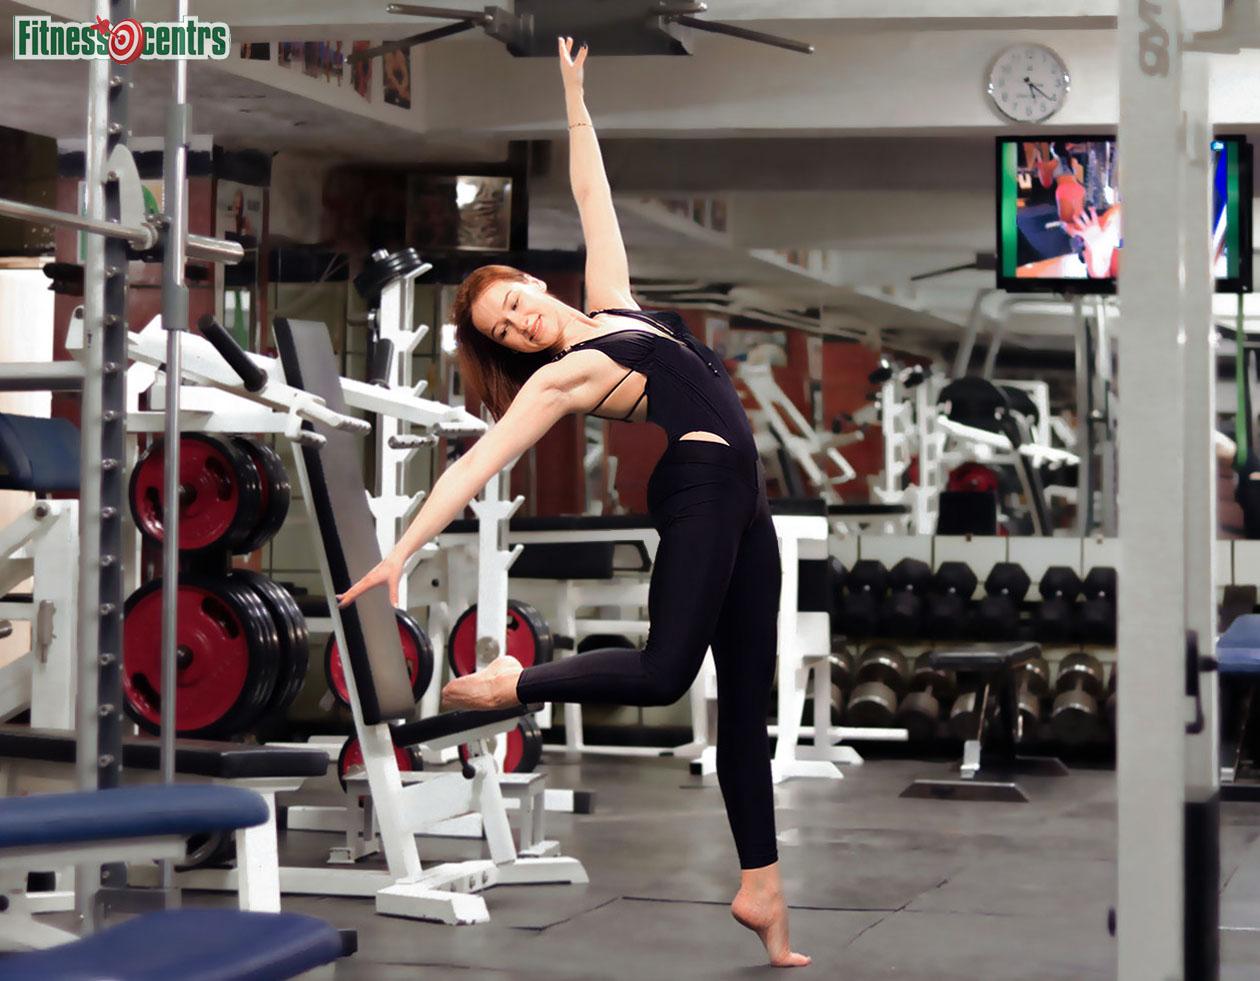 http://img.fitnes.lv/2/fitness_centrs_78188837.jpg